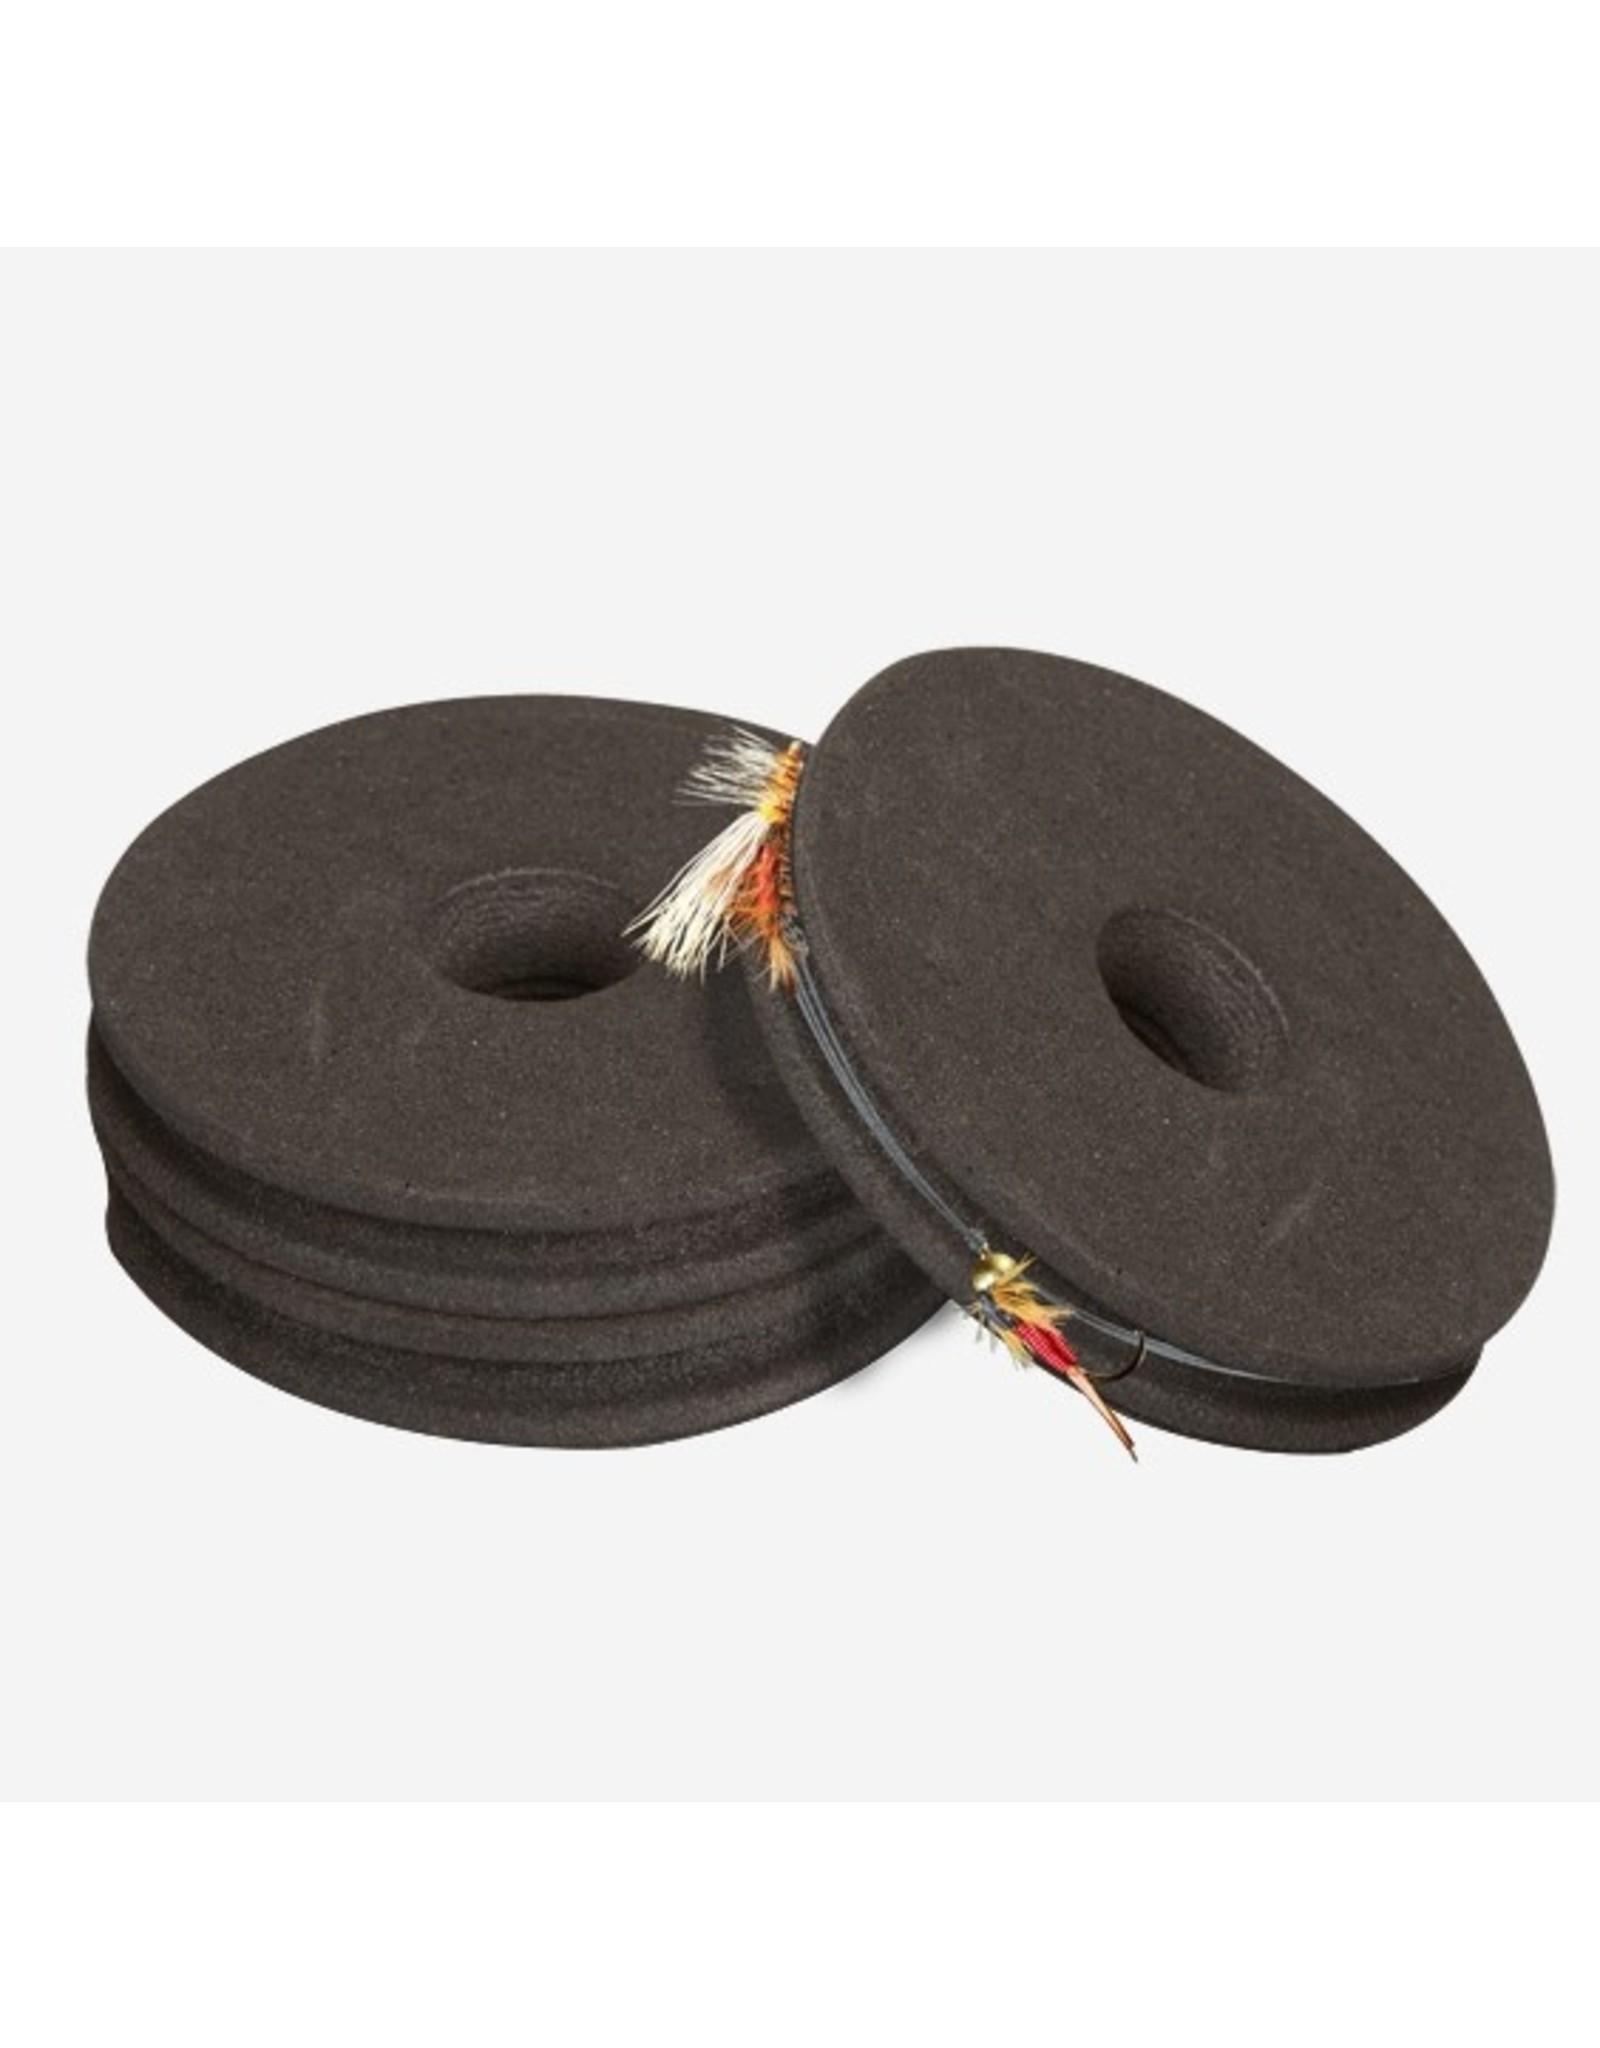 Loon Rigging Foam (3 Pk)